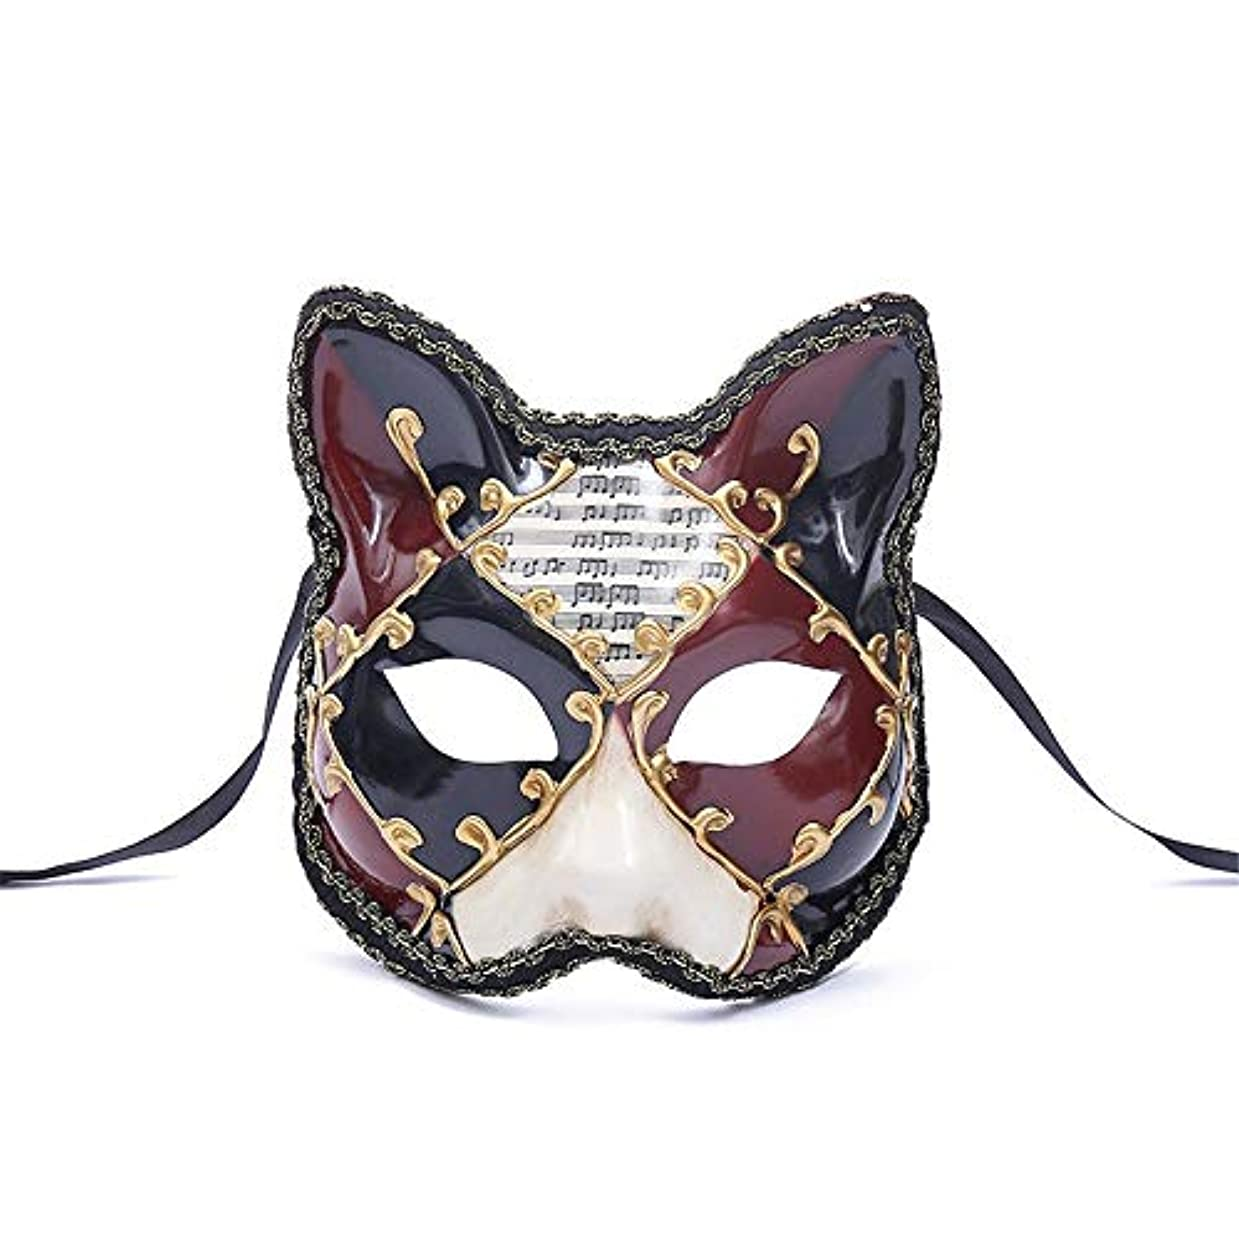 スクラップペインギリック中古ダンスマスク 大きな猫アンティーク動物レトロコスプレハロウィーン仮装マスクナイトクラブマスク雰囲気フェスティバルマスク ホリデーパーティー用品 (色 : 赤, サイズ : 17.5x16cm)